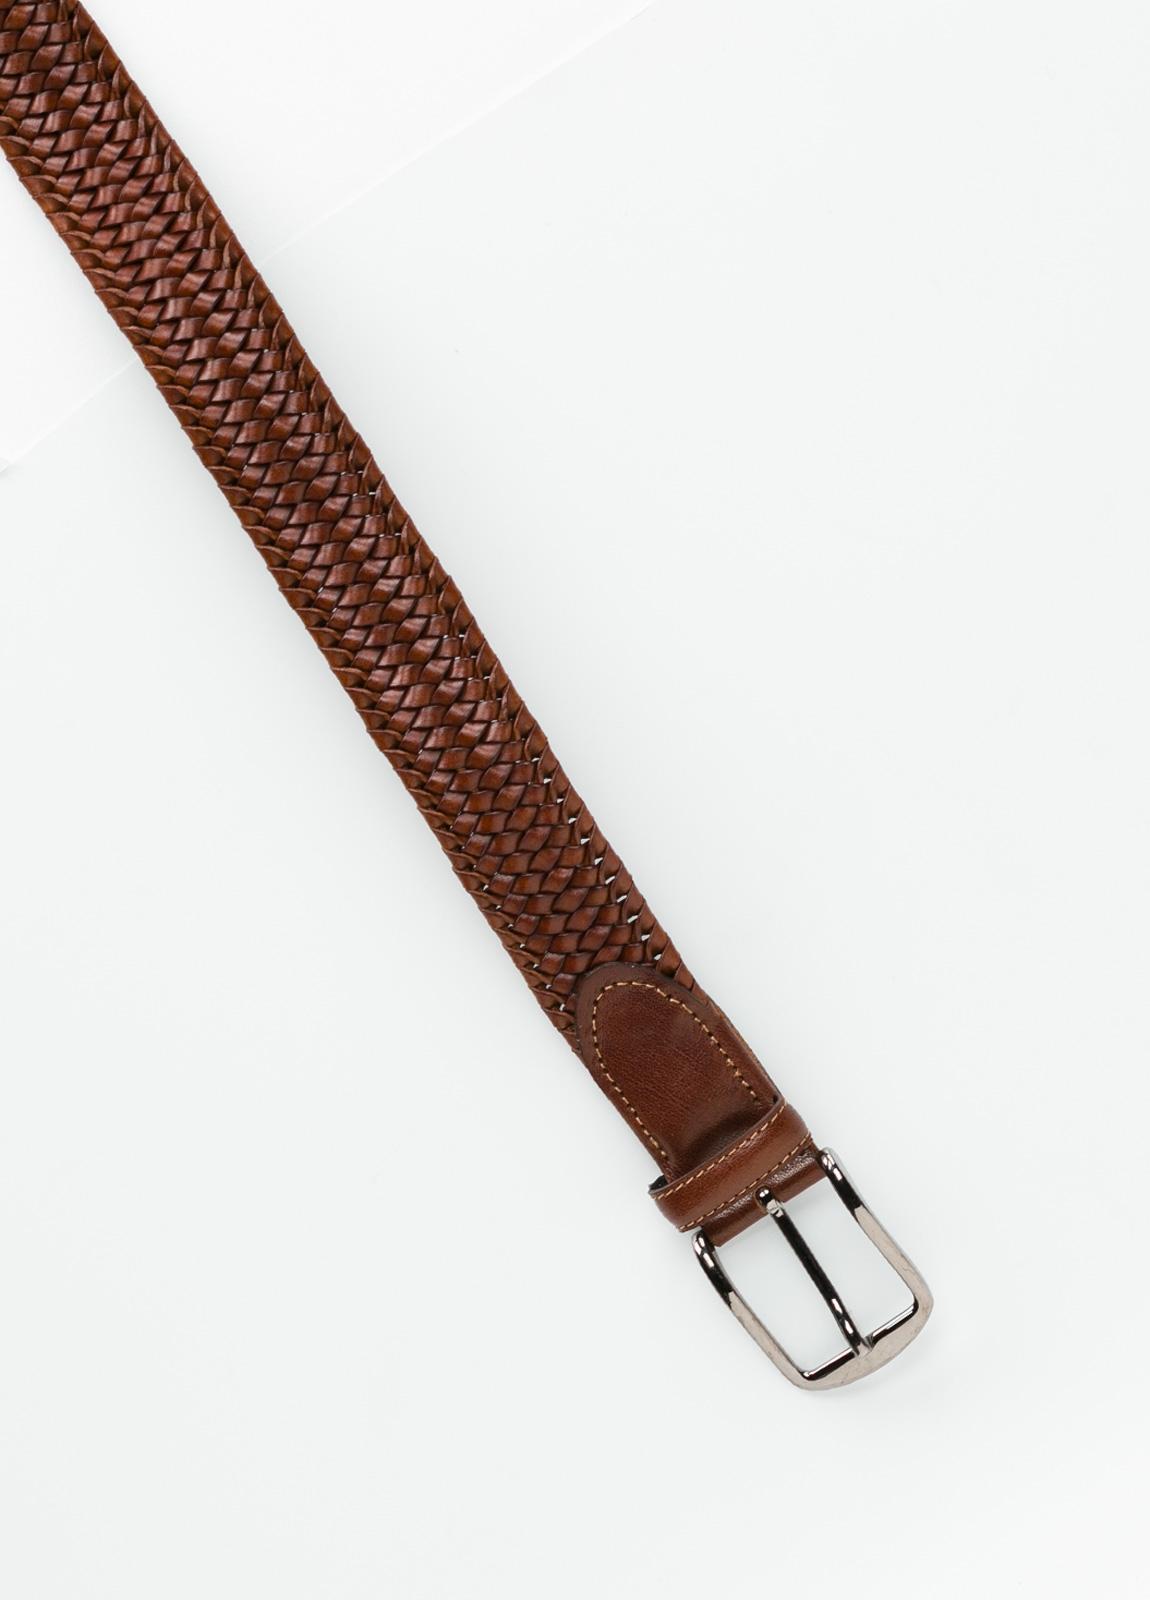 Cinturón sport tranzado color cognac. 100% Piel. - Ítem1